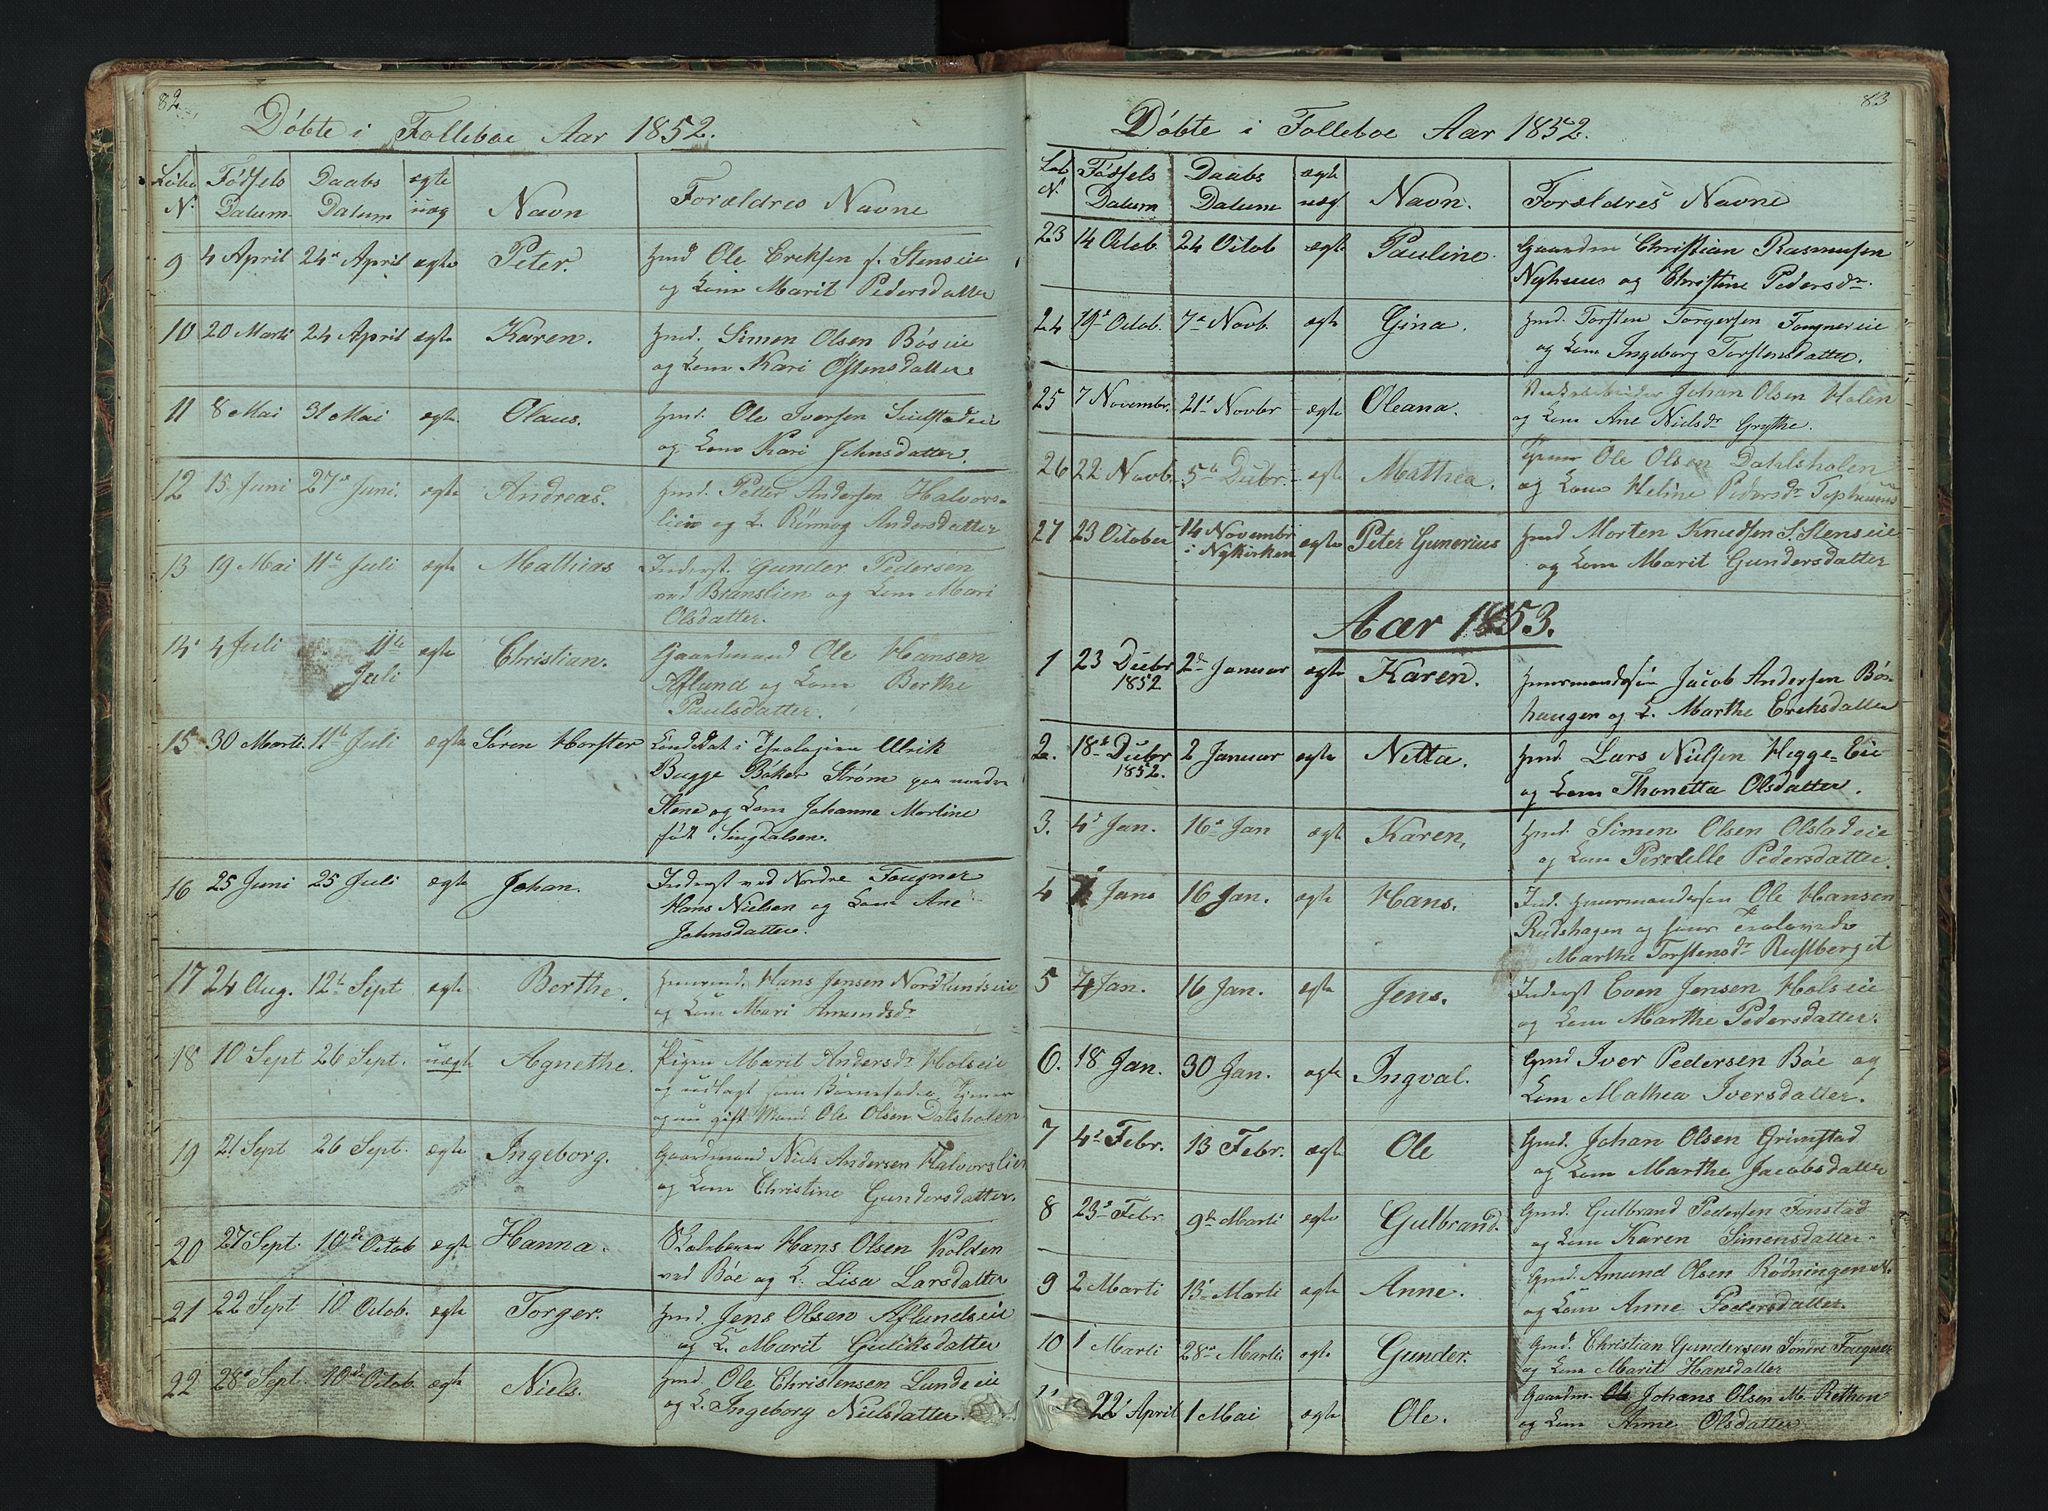 SAH, Gausdal prestekontor, Klokkerbok nr. 6, 1846-1893, s. 82-83